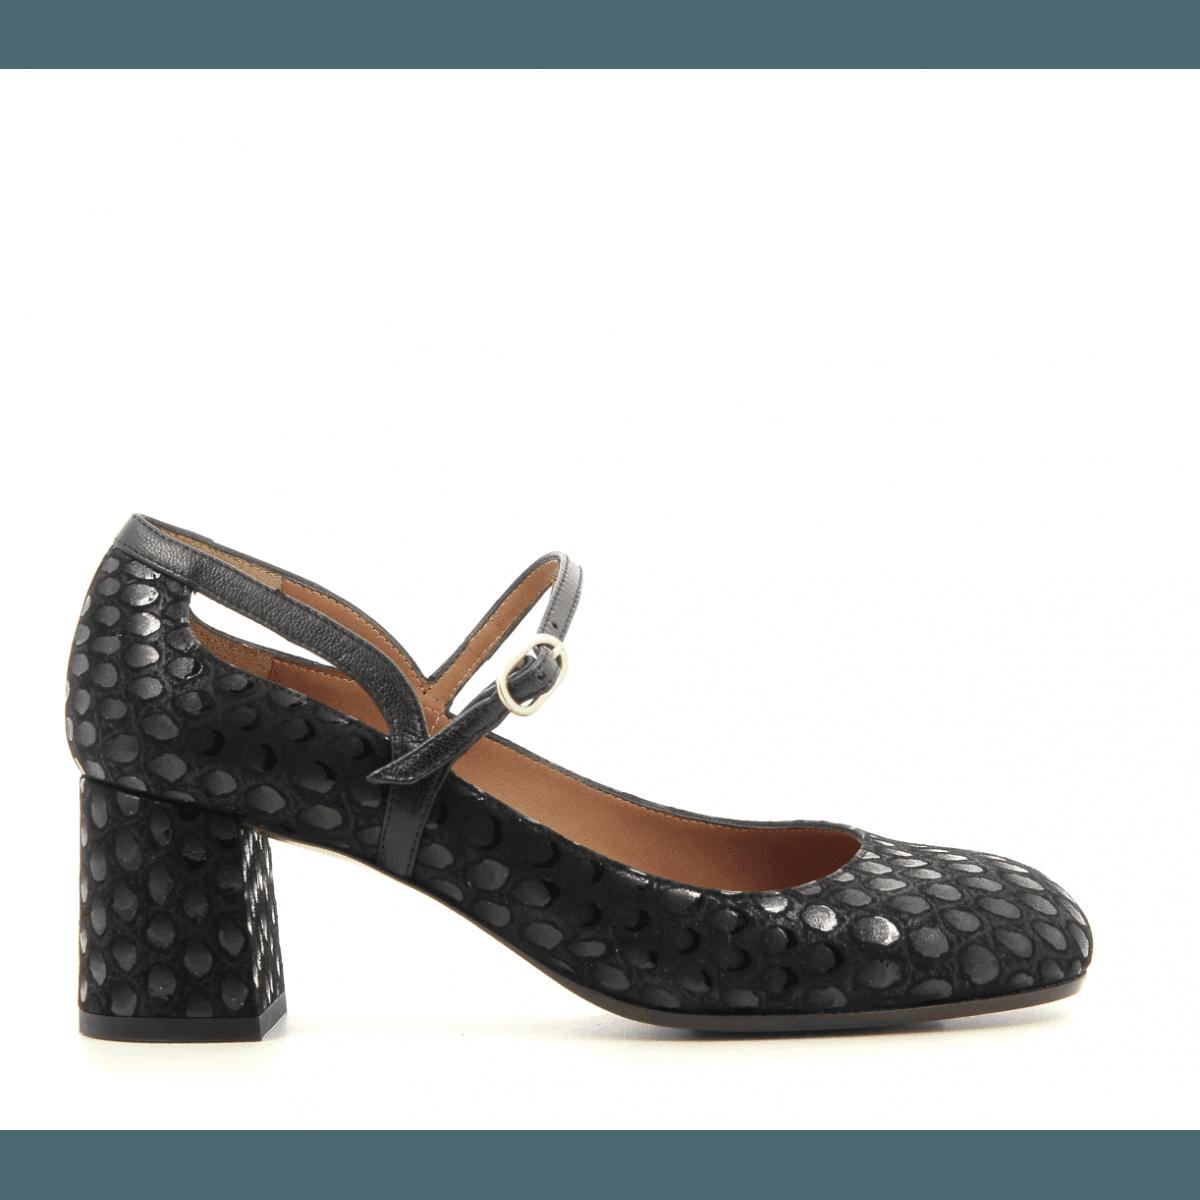 Escarpins à talons moyens en cuir noir Chie Mihara - POPY NOIR